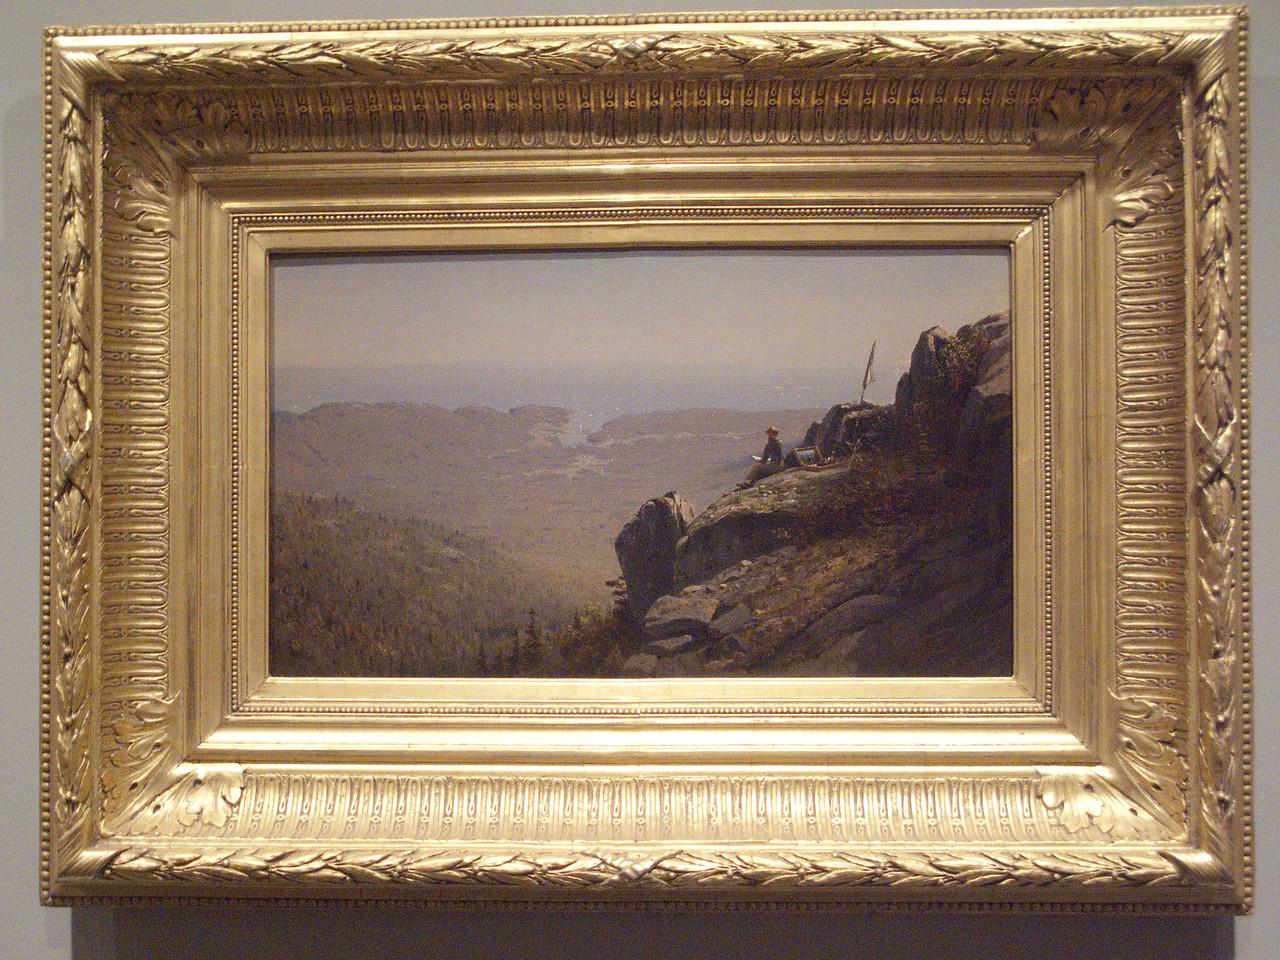 Artis sketching at Mount Desert by Samuel Gifford, 1864